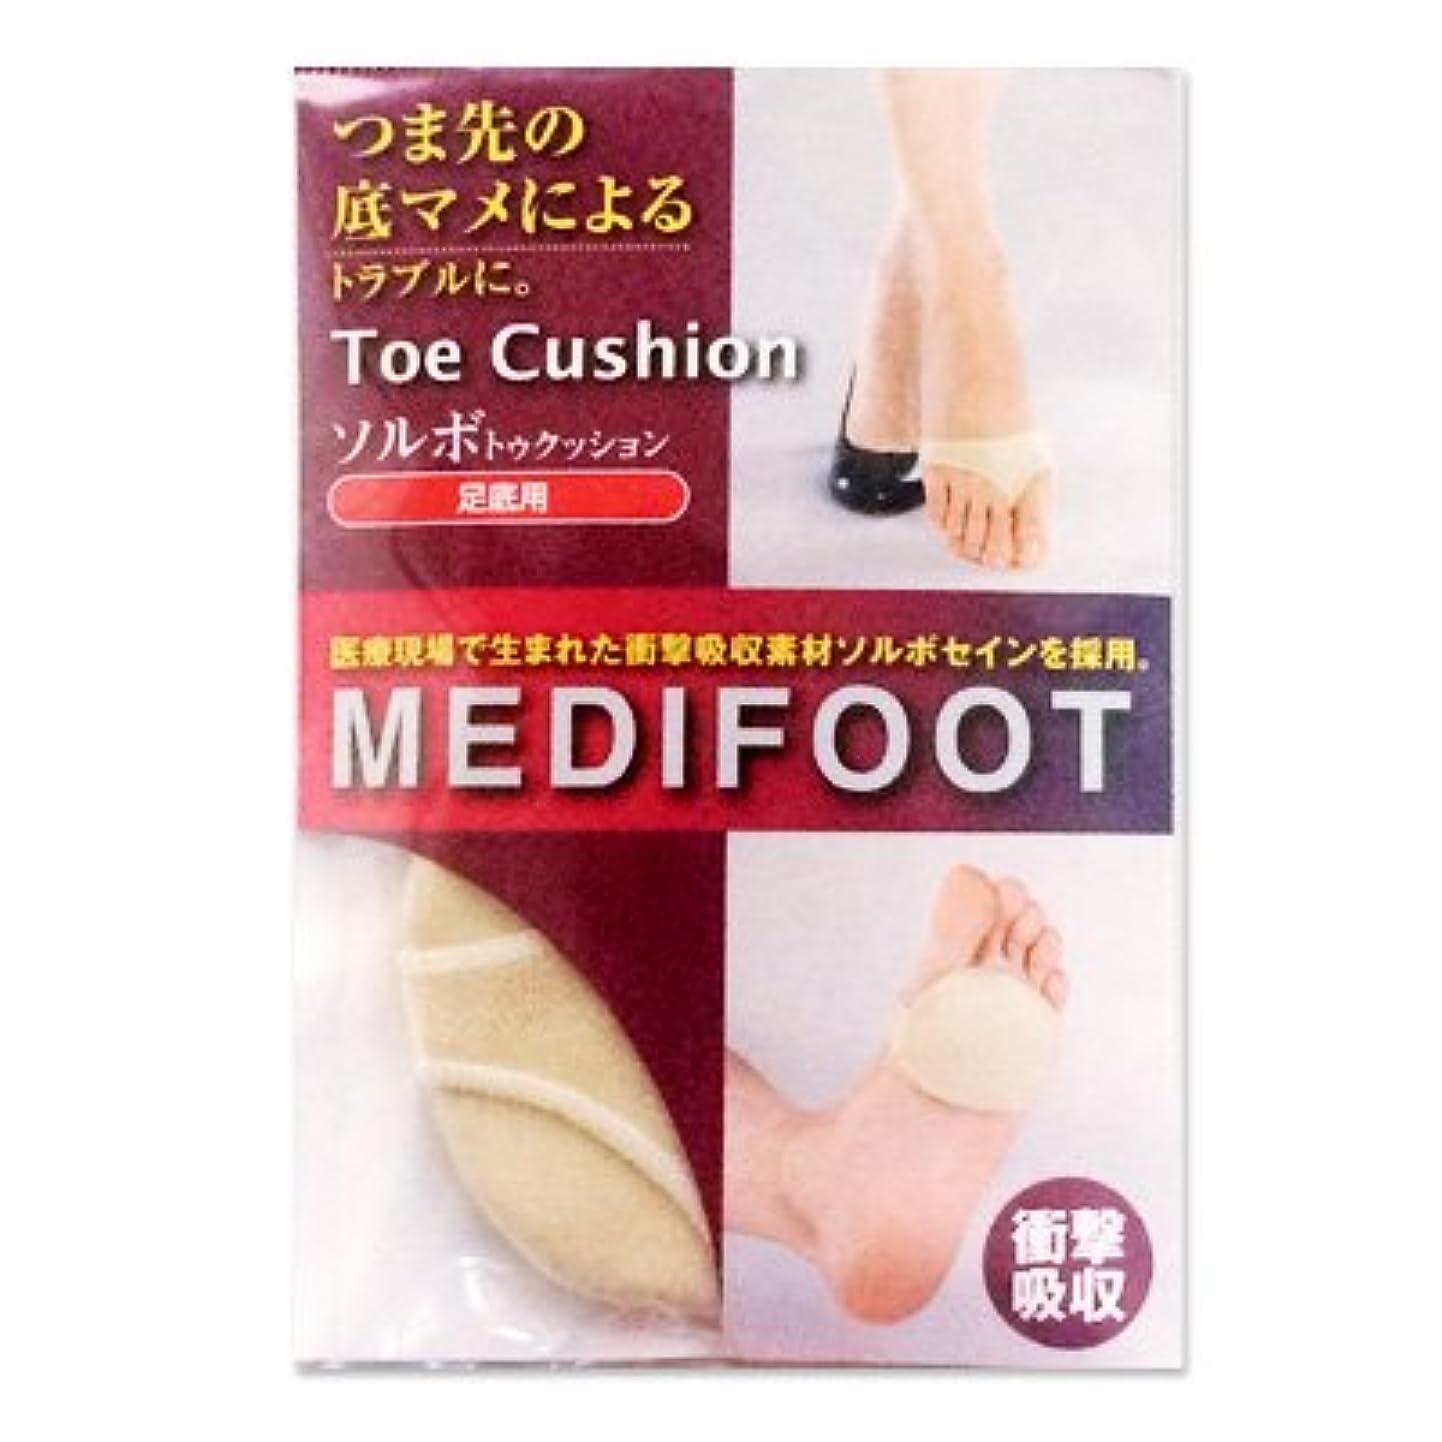 いつも眠いですサーキットに行くソルボ トゥクッション 足底用[女性フリーサイズ(22-25cm)]63003